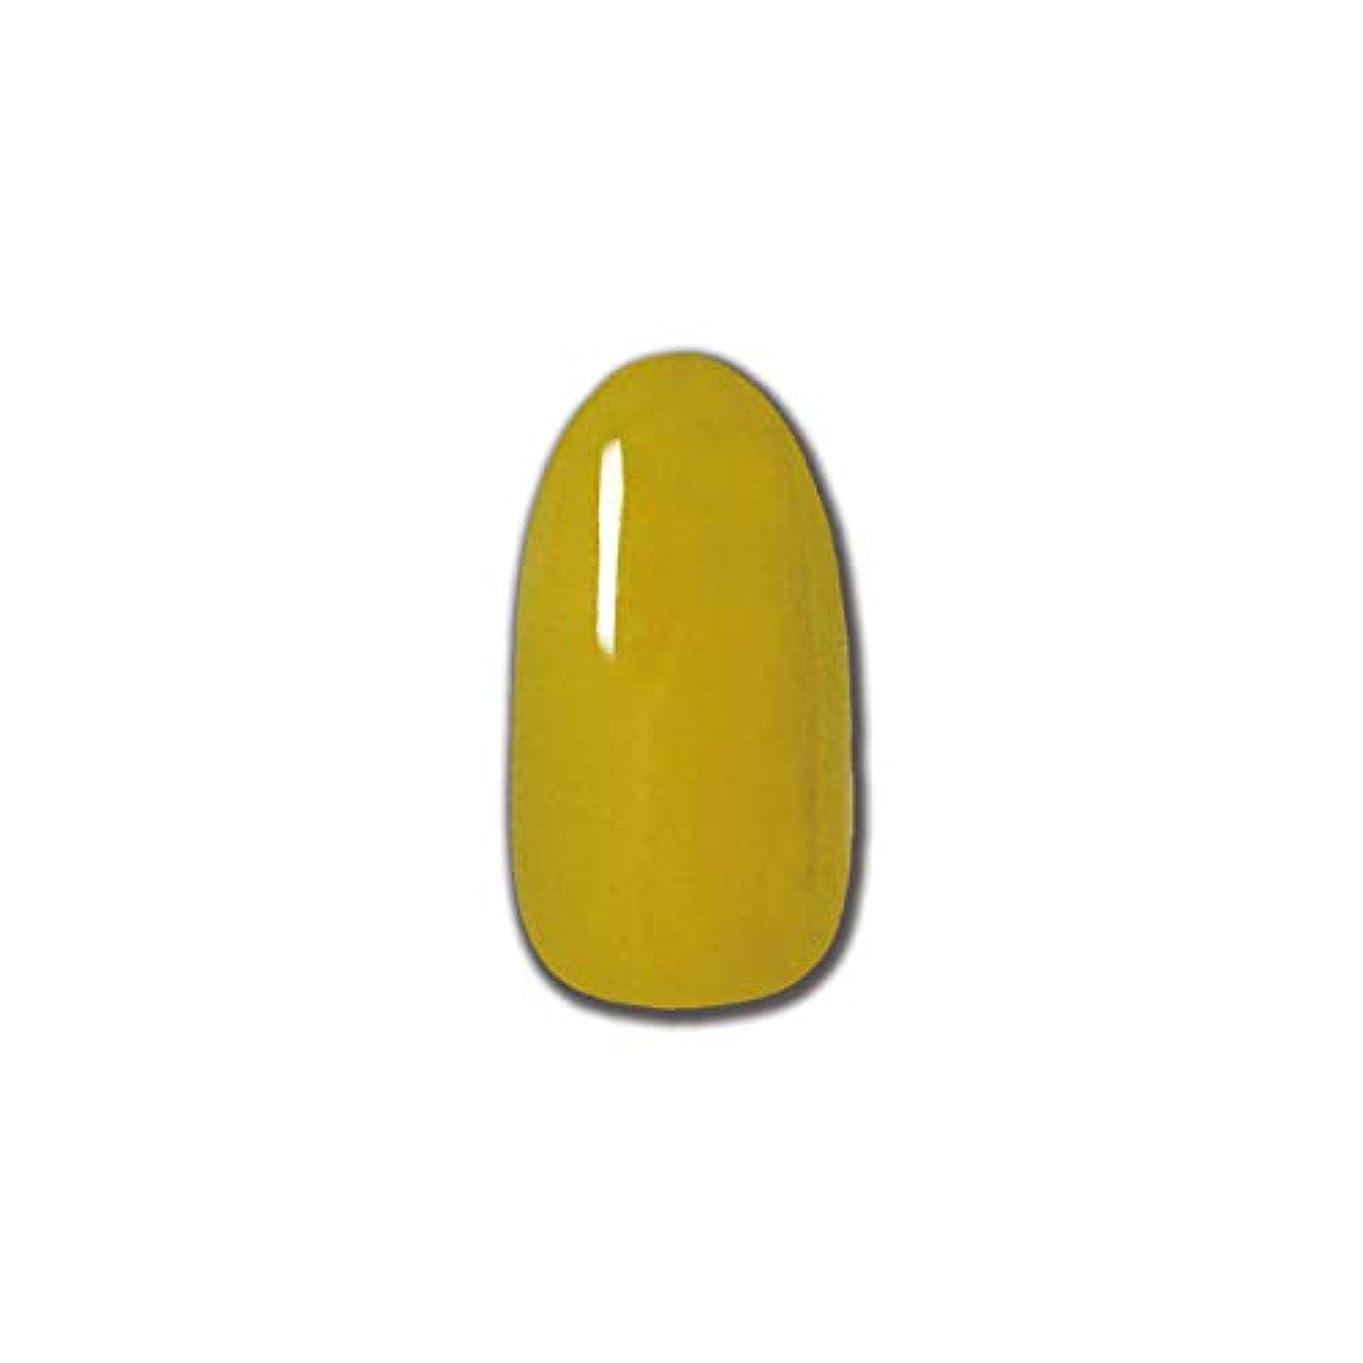 どれく冷酷なT-GEL COLLECTION カラージェル D200 オリーブマスタード 4ml